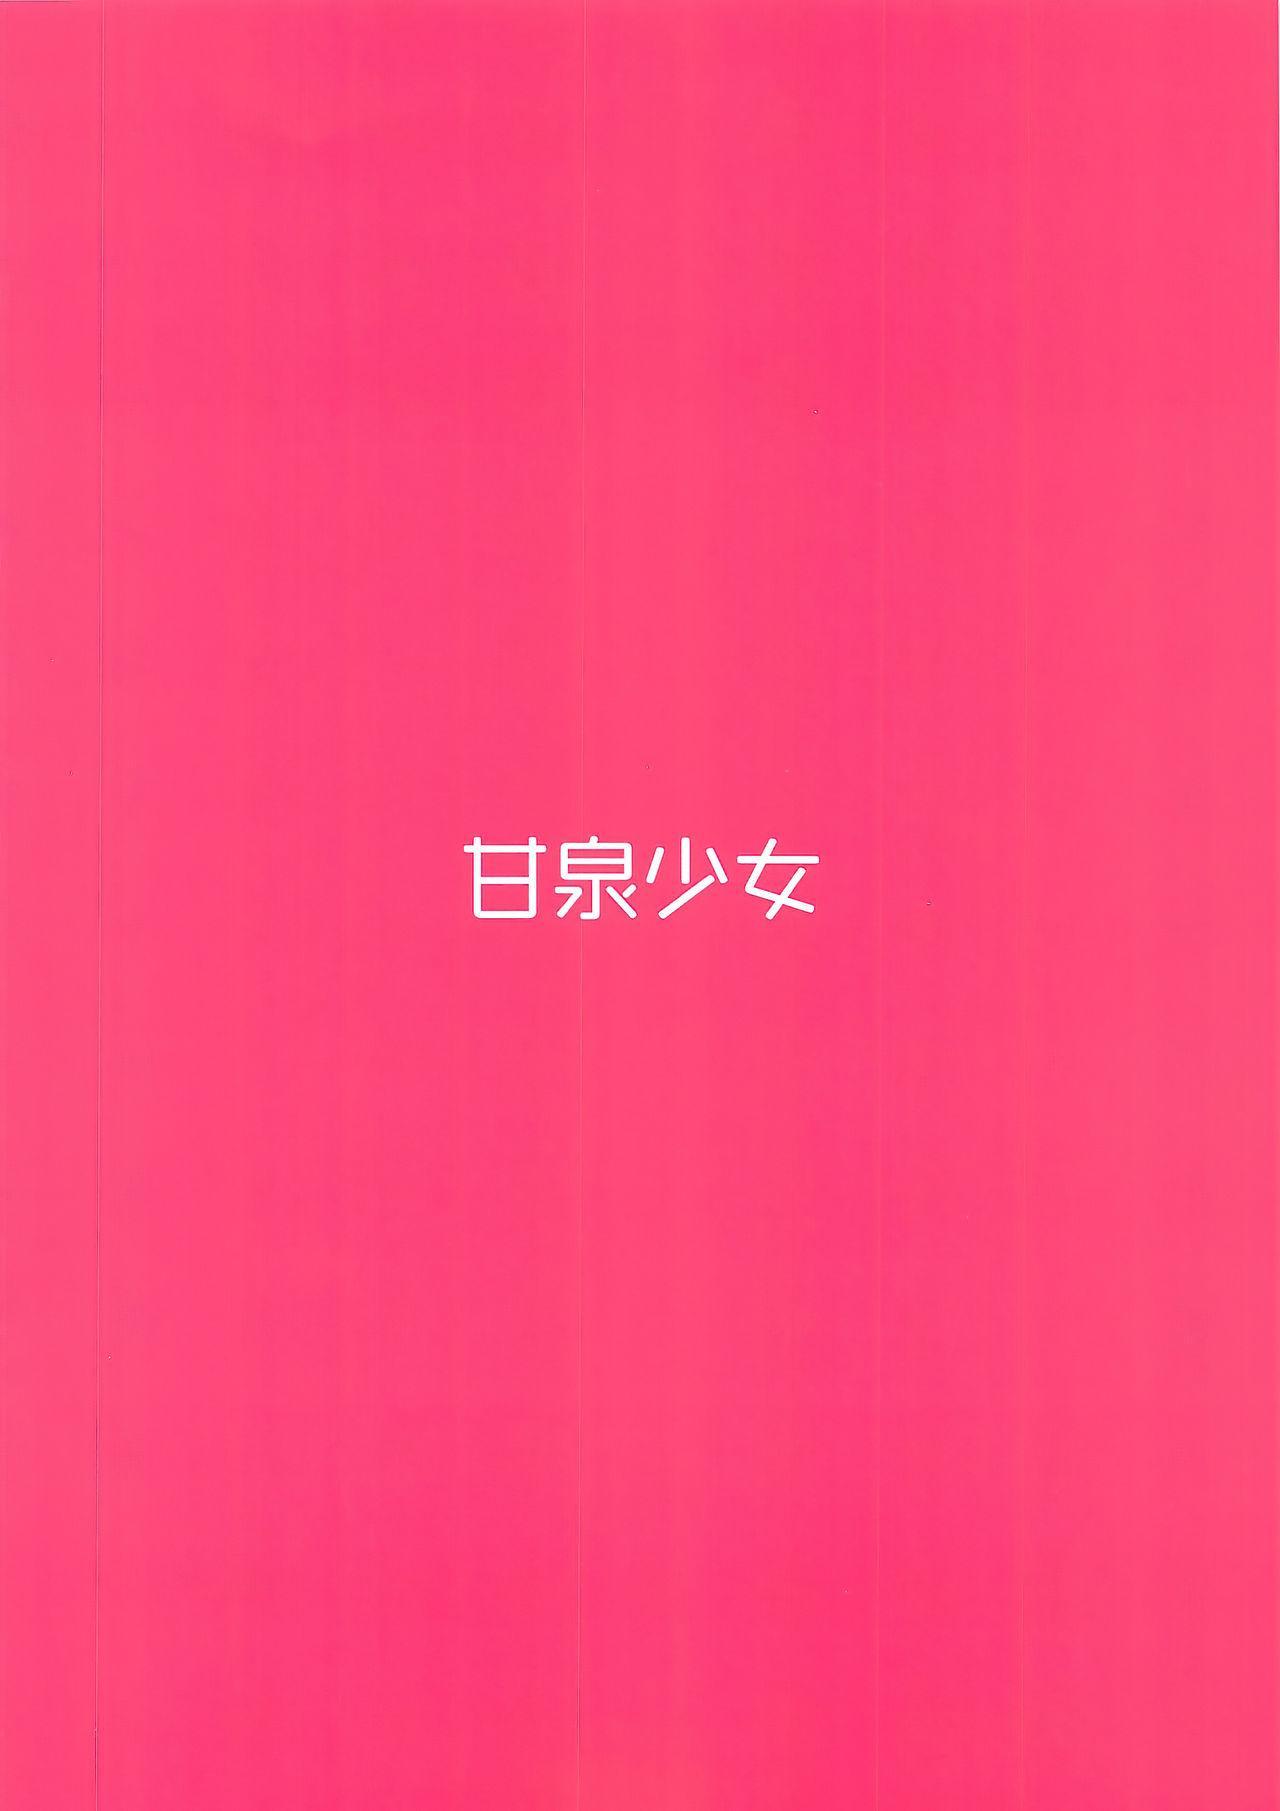 Tottemo Kininaru Anoko no Pantsu! Hatsune-chan no Baai 16